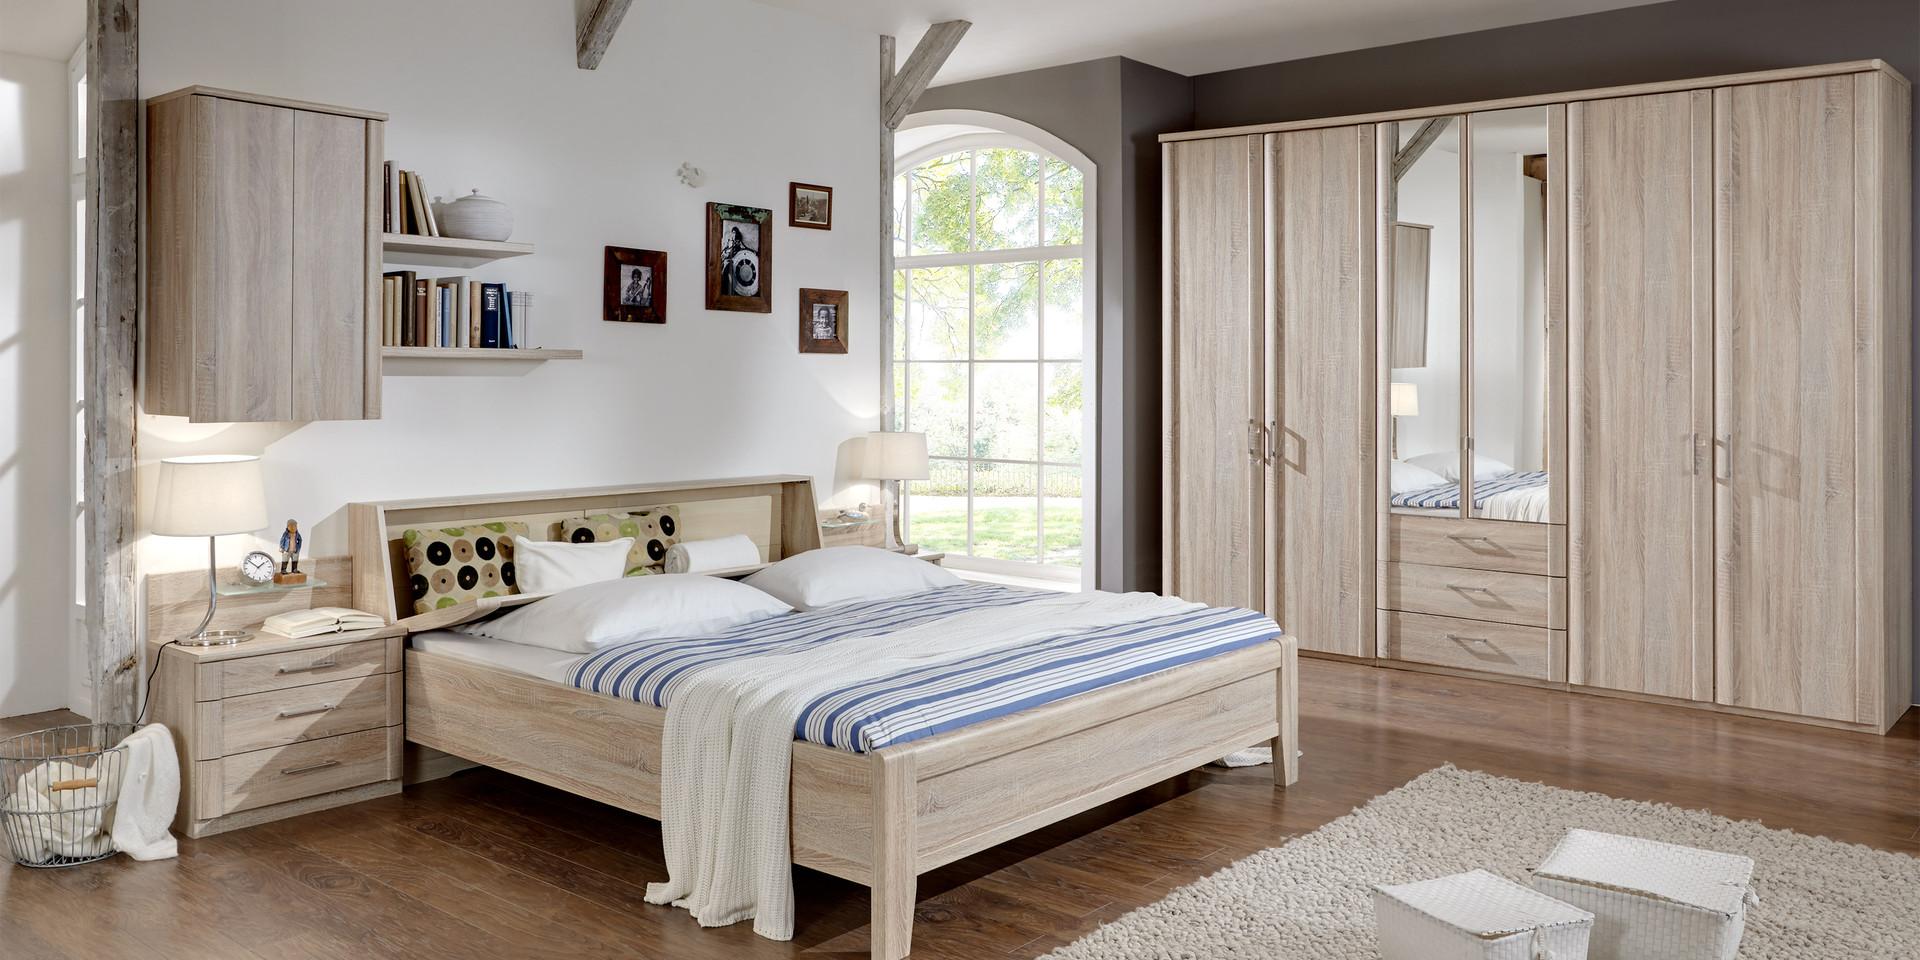 erleben sie das schlafzimmer luxor 3 4 m belhersteller wiemann. Black Bedroom Furniture Sets. Home Design Ideas